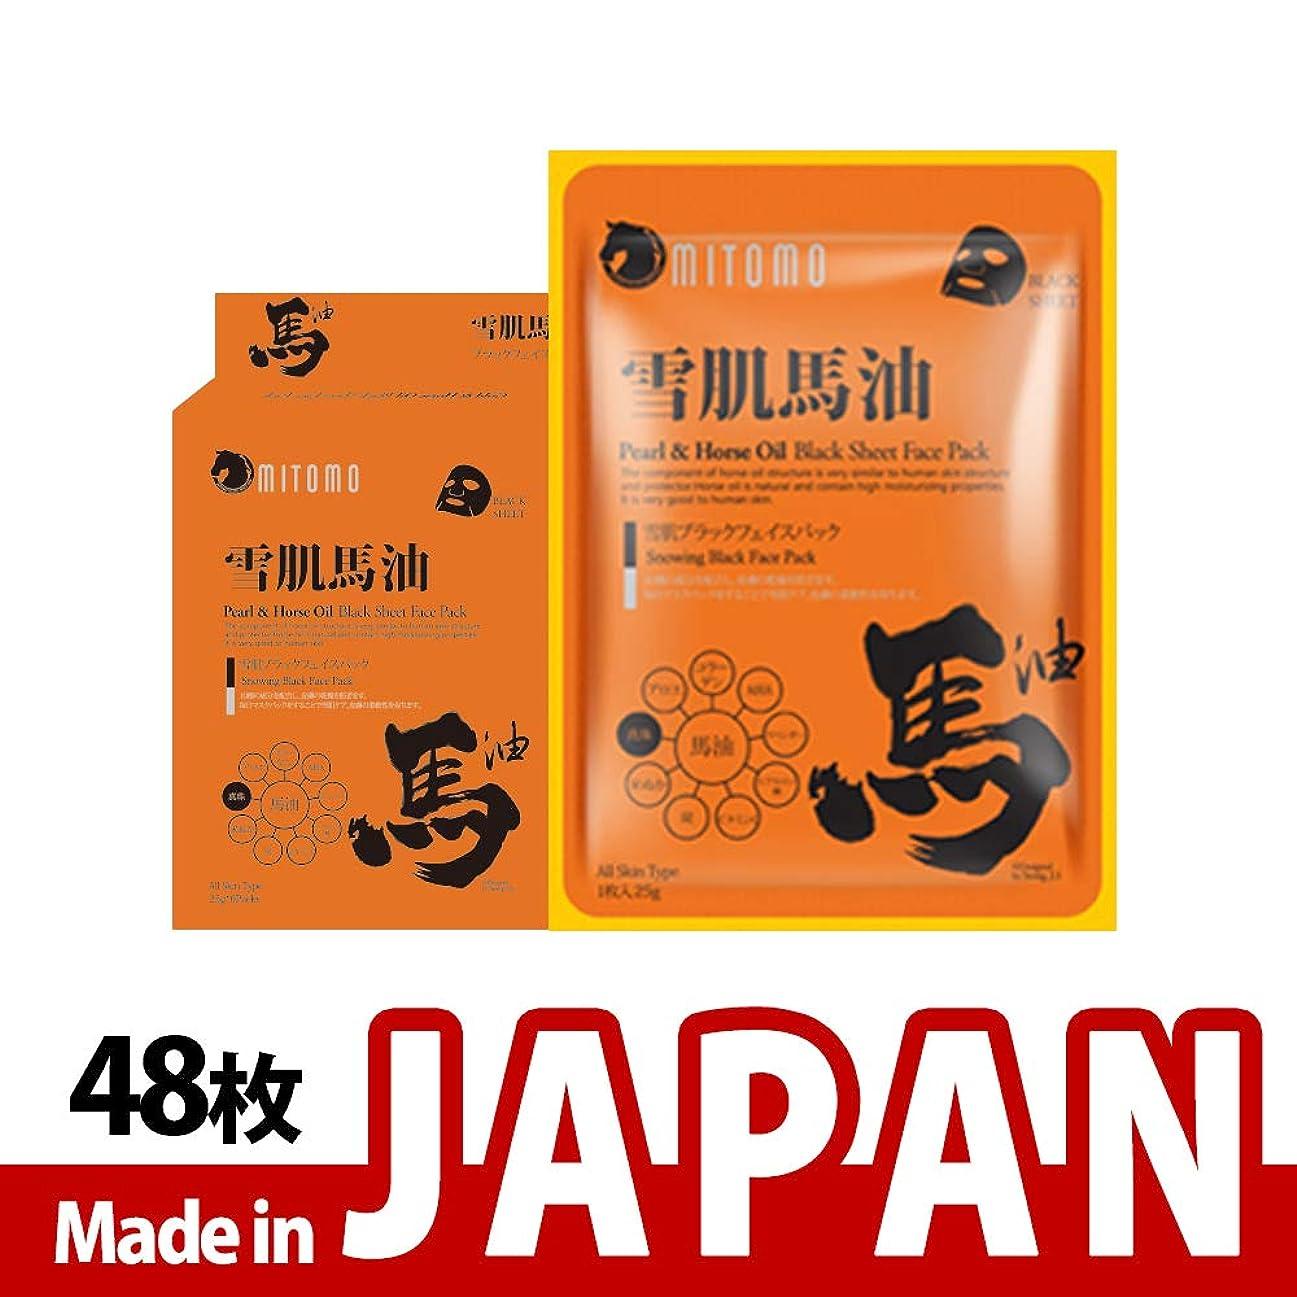 インレイ倫理的ダンプMITOMO【MC740-A-1】日本製シートマスク/6枚入り/48枚/美容液/マスクパック/送料無料